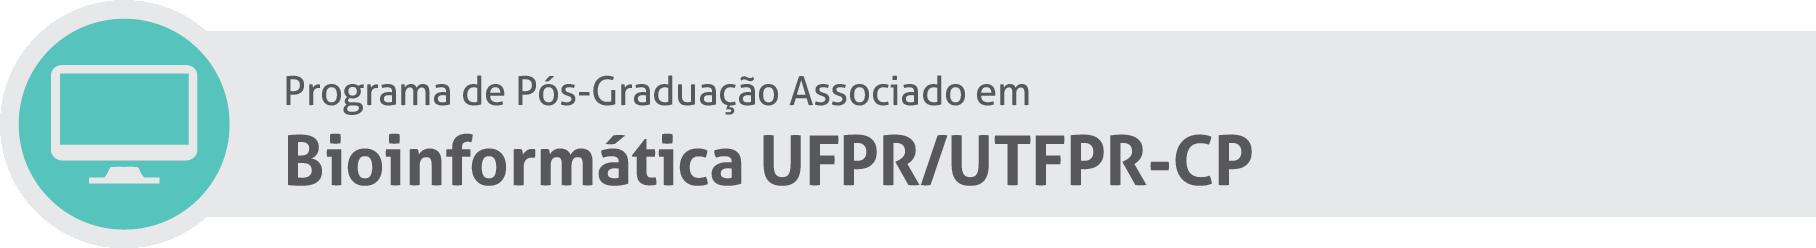 Associado Bioinformática.png